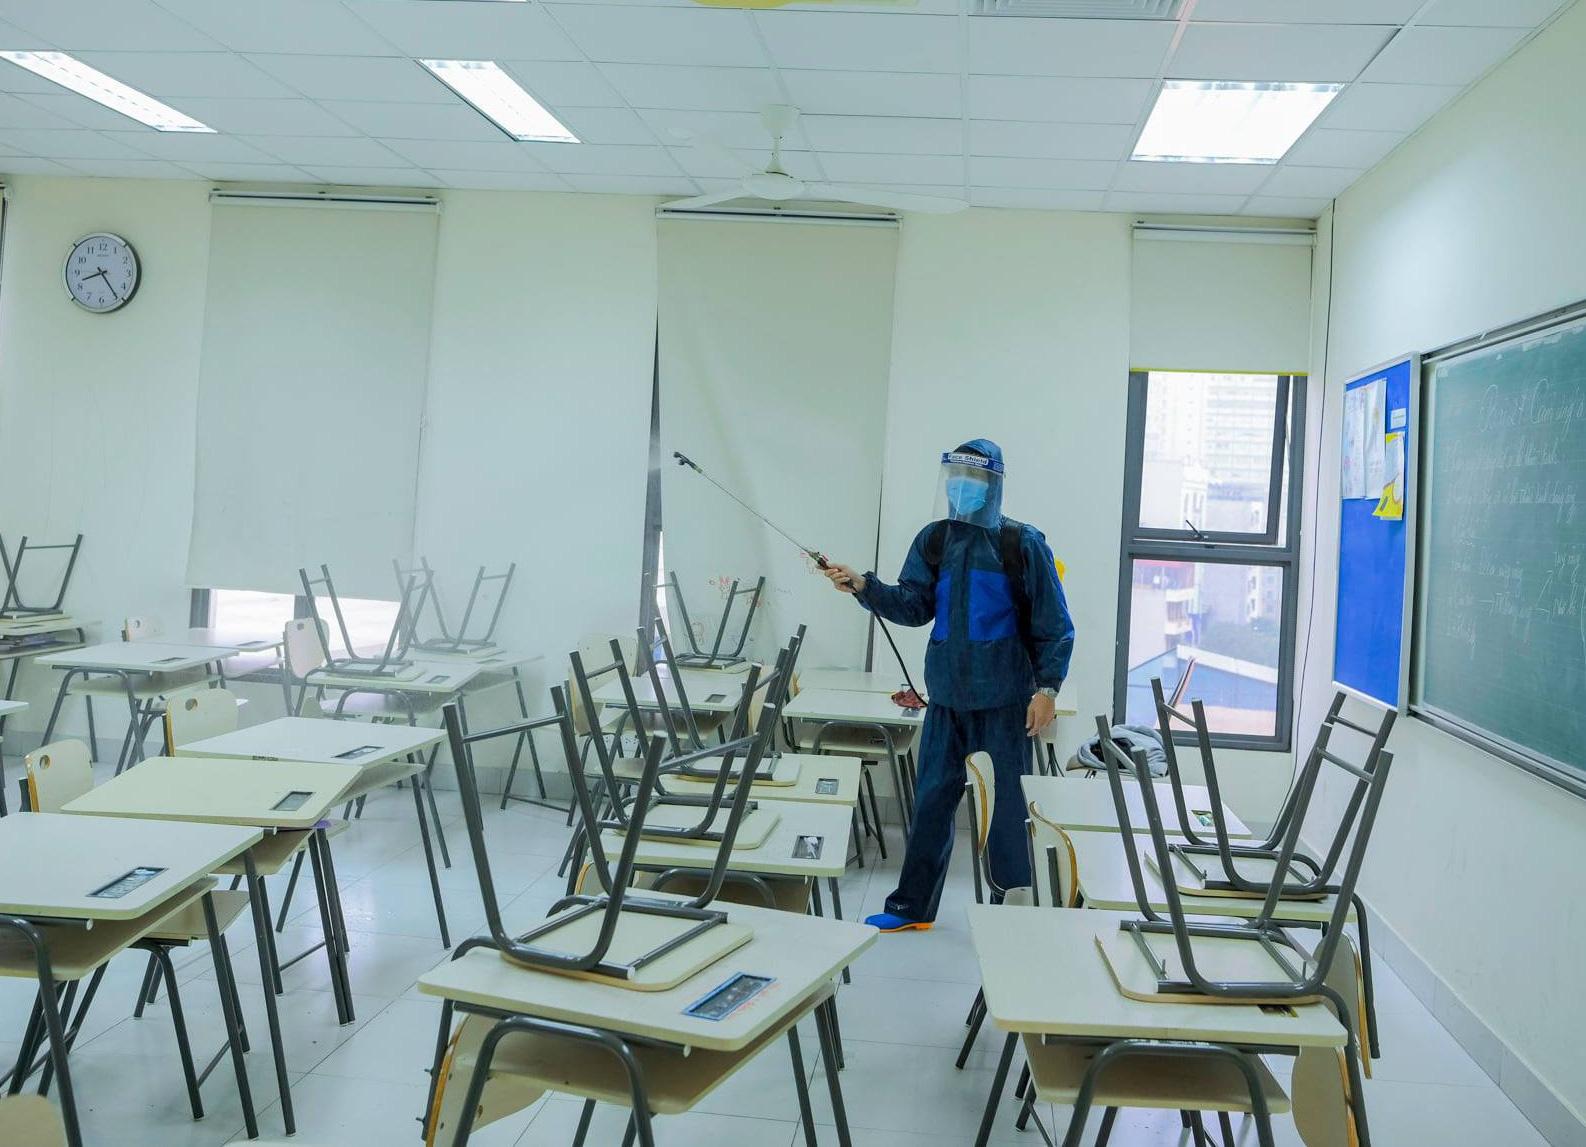 Trường học Hà Nội thần tốc tổng vệ sinh, phun khử trùng trước ngày đón 2 triệu học sinh - Ảnh 5.